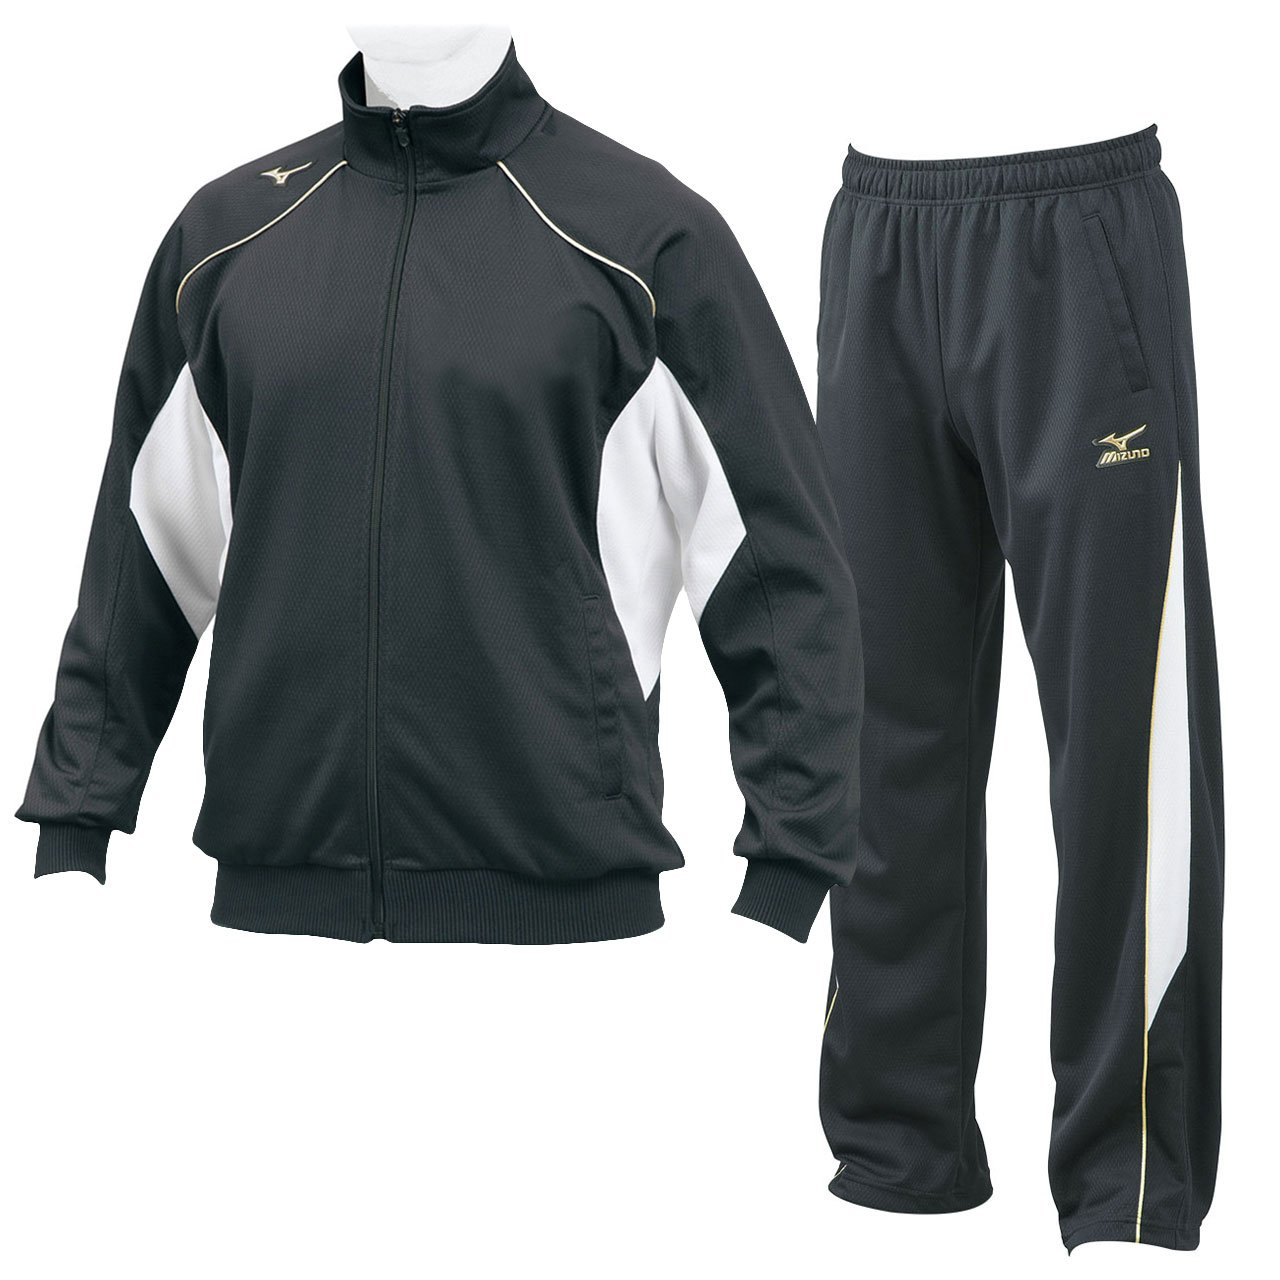 ミズノ(MIZUNO) グローバルエリート ウォームアップシャツ&パンツ 上下セット(ブラック) 12JC7R10-09-12JD7R10-09 B06WPB7WP5 2XO|ブラック ブラック 2XO